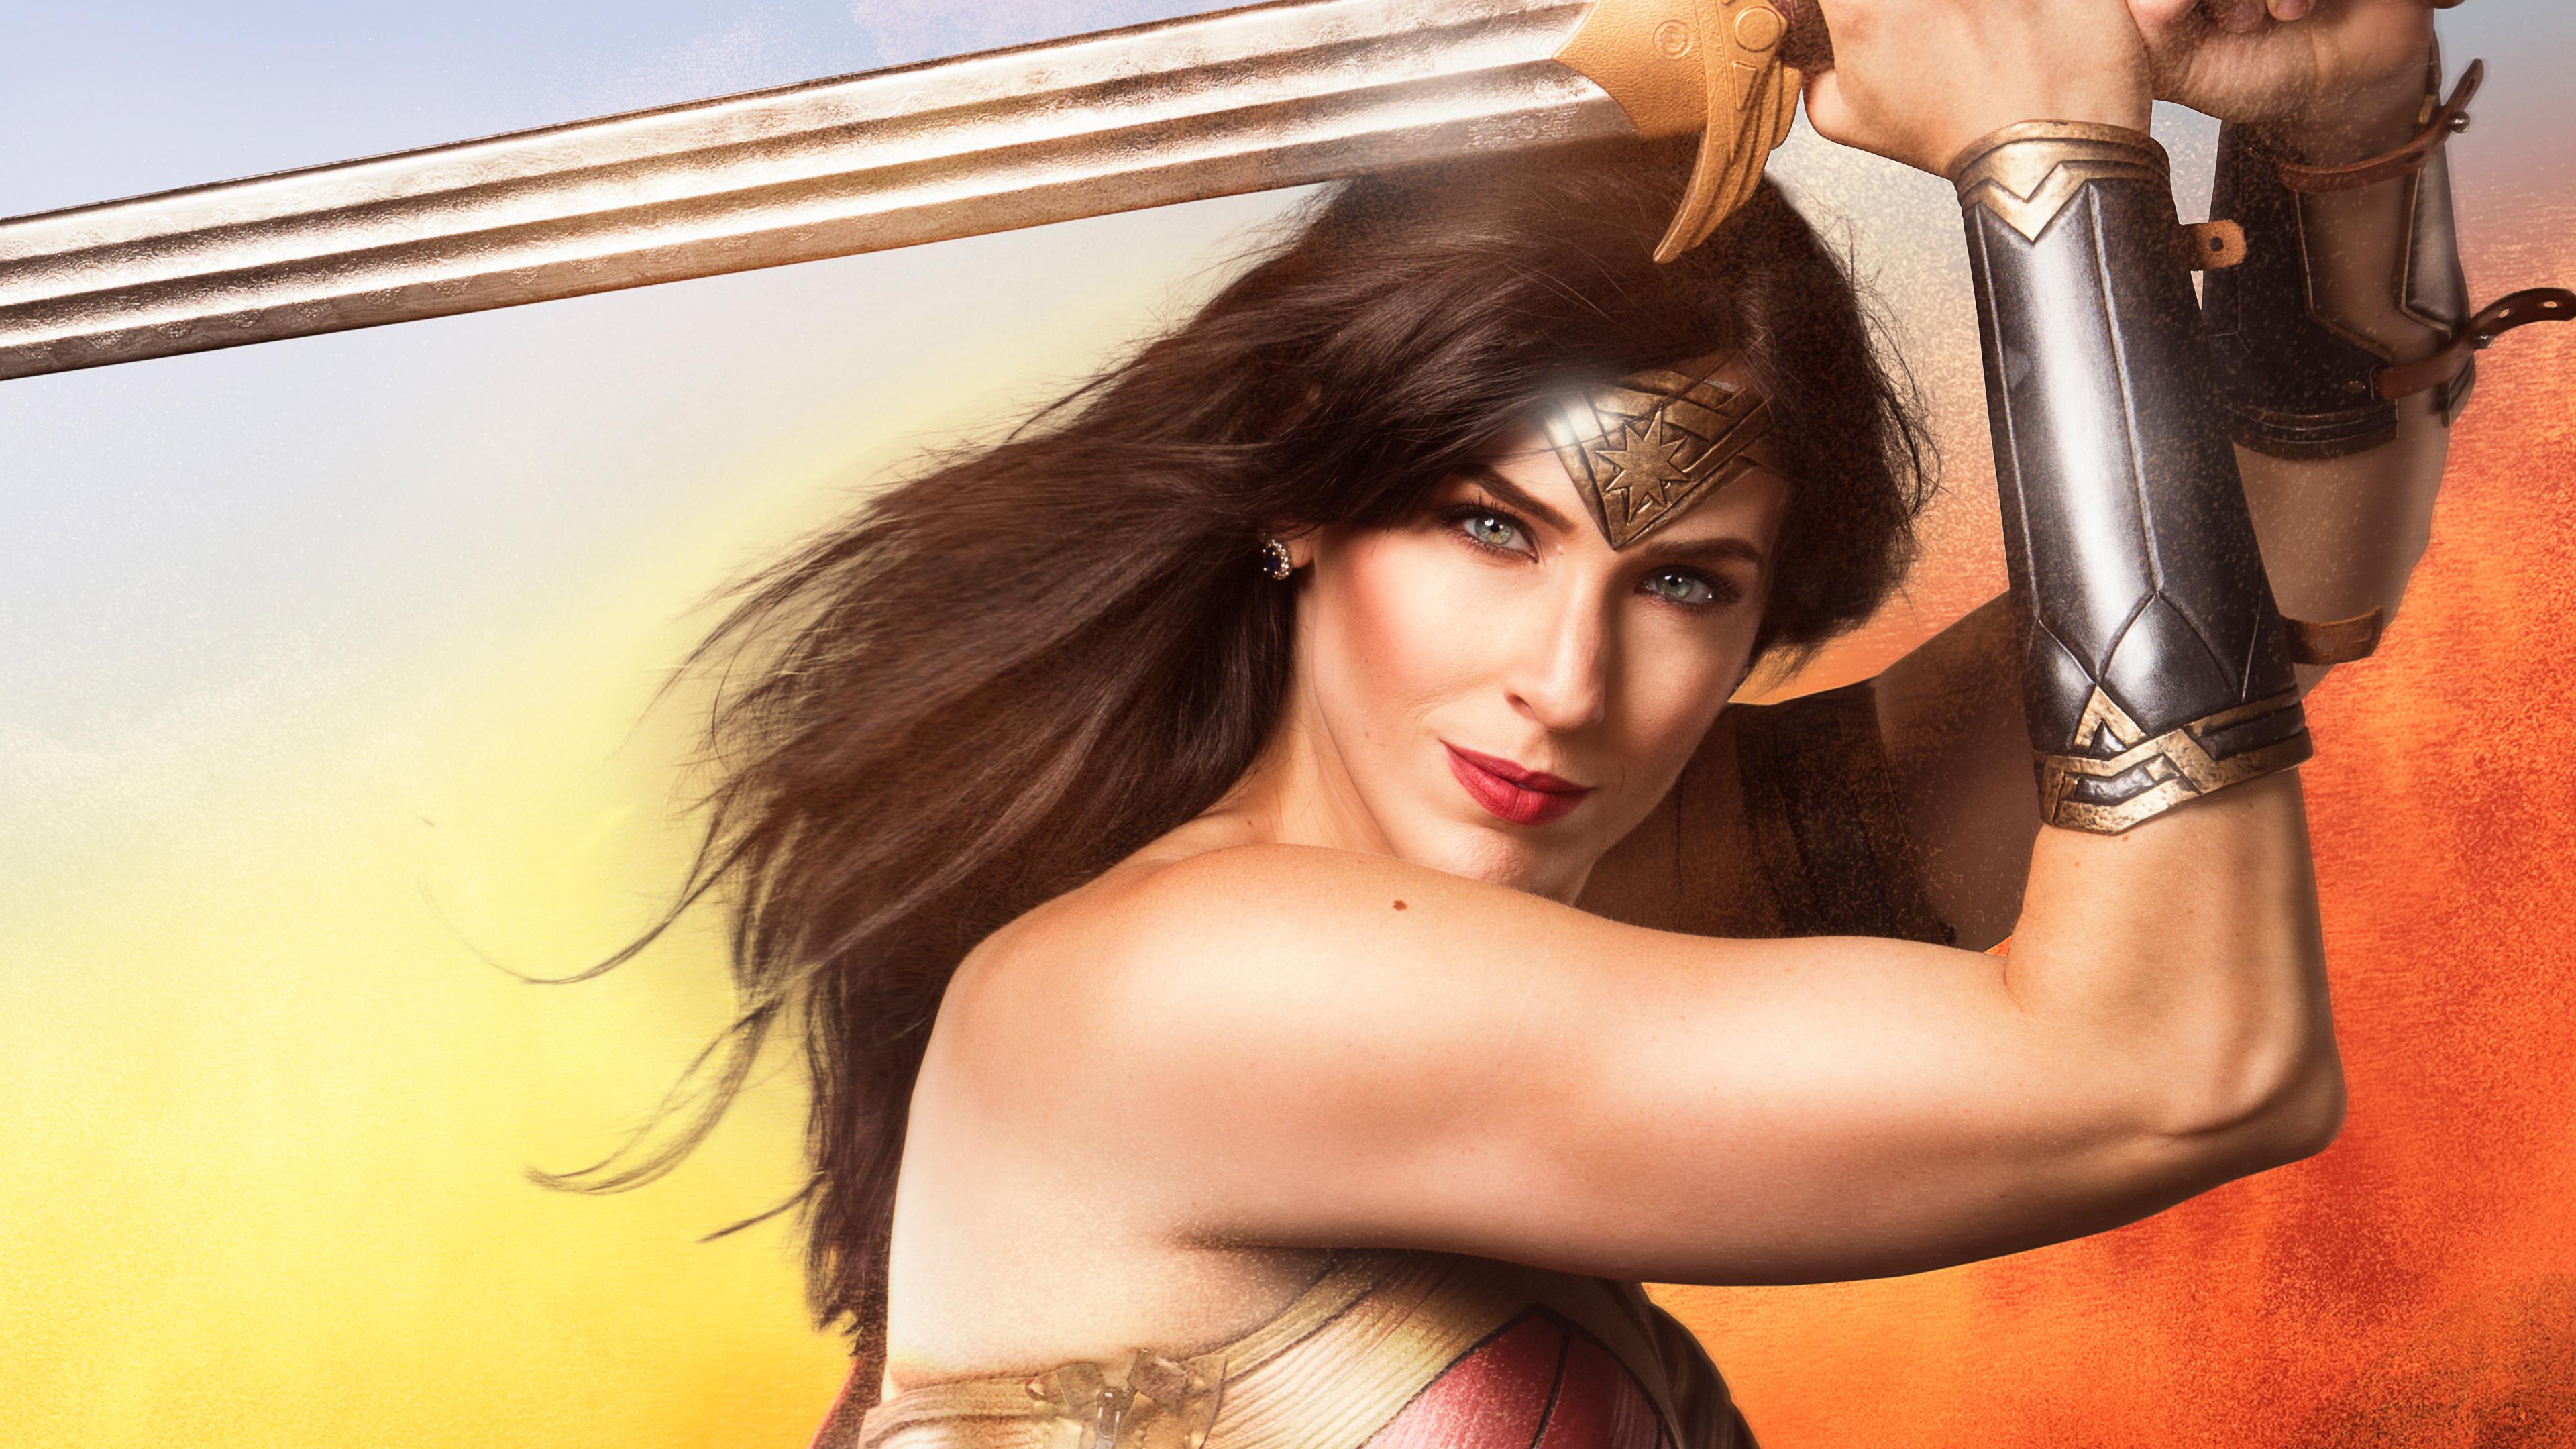 wonder woman with sword cosplay 4k 1544286890 - Wonder Woman With Sword Cosplay 4k - wonder woman wallpapers, superheroes wallpapers, hd-wallpapers, cosplay wallpapers, 4k-wallpapers